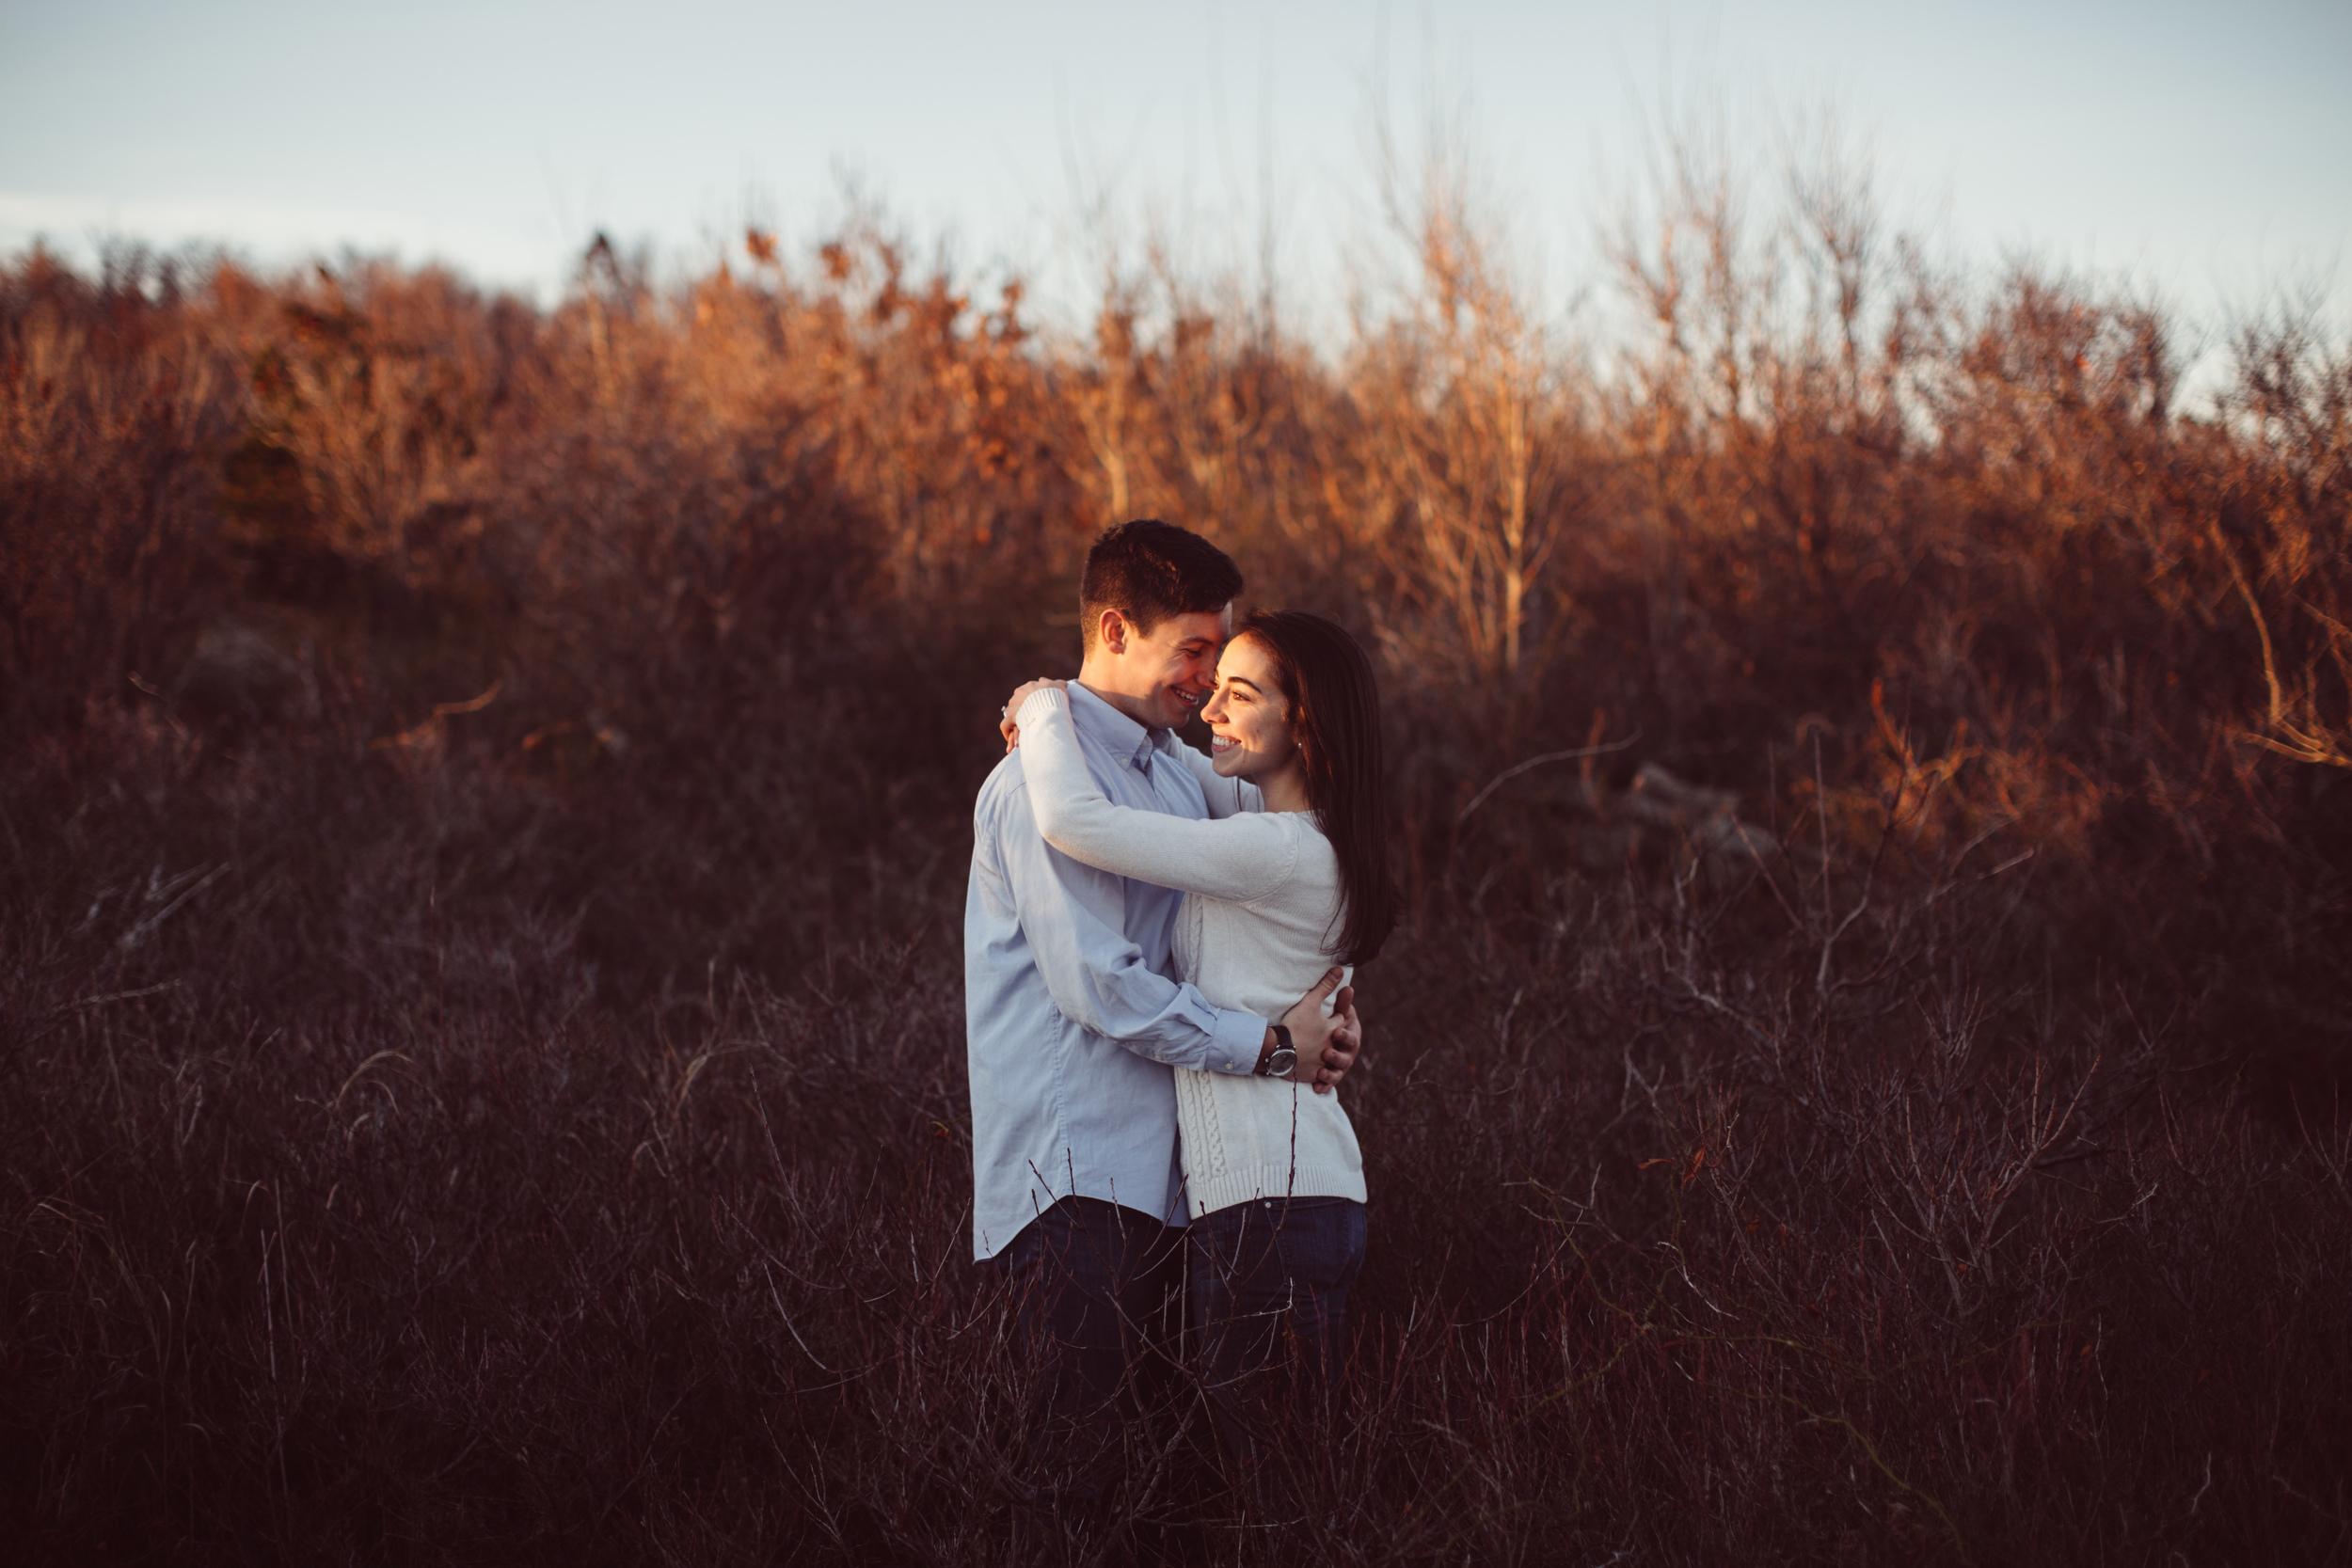 2015_Moriah_Brian_Sneak_Peak_Engagement-8049.jpg